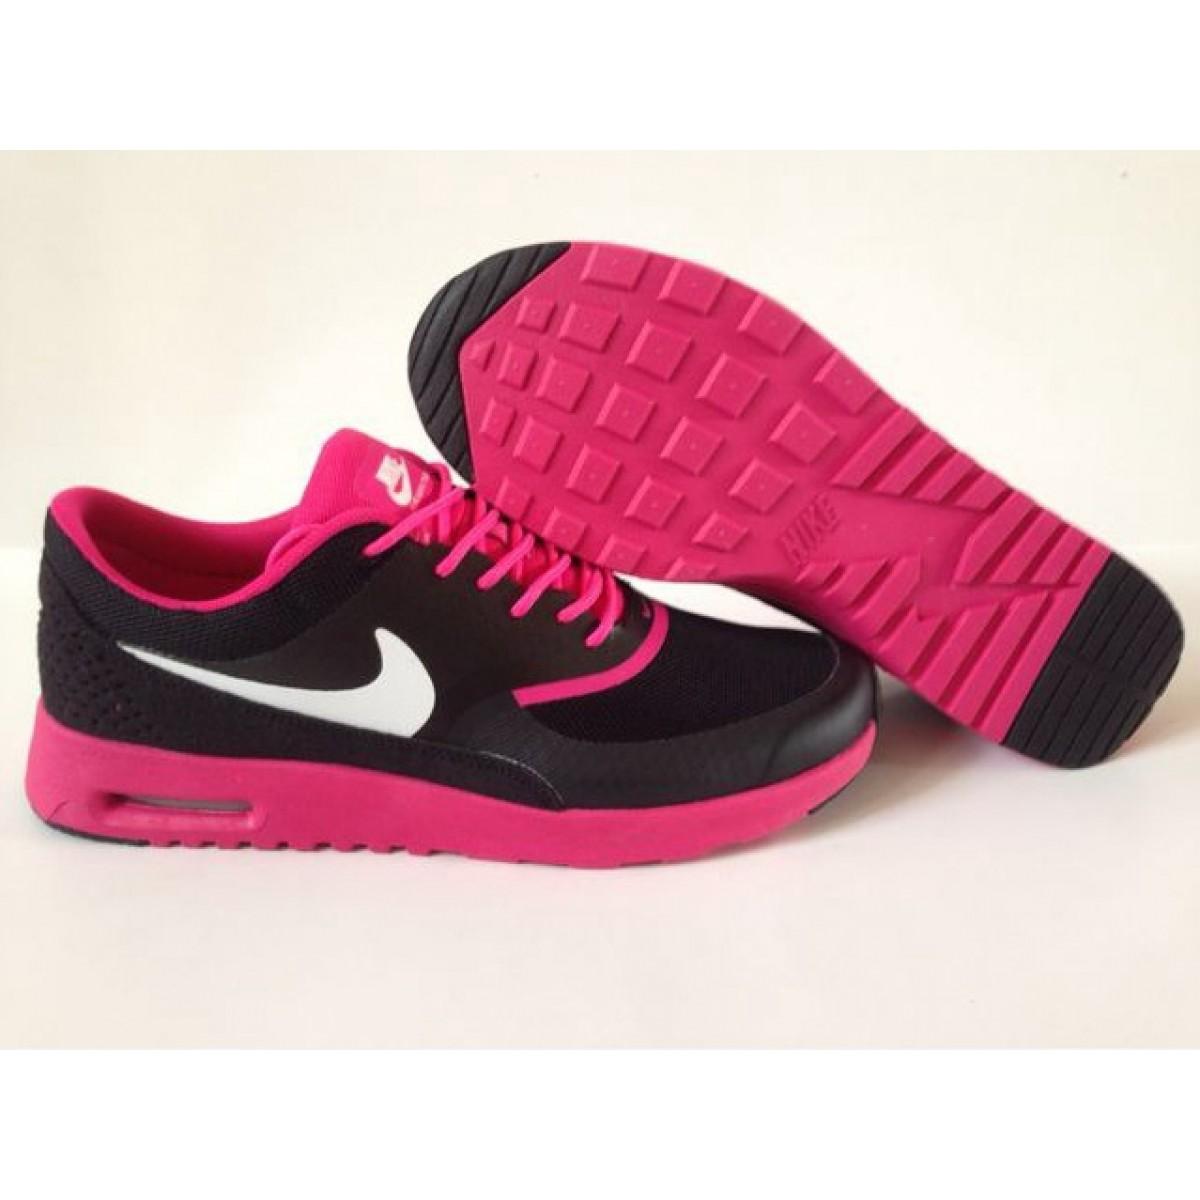 Achat / Vente produits Nike Air Max Thea Femme,Nike Air Max Thea Femme Pas